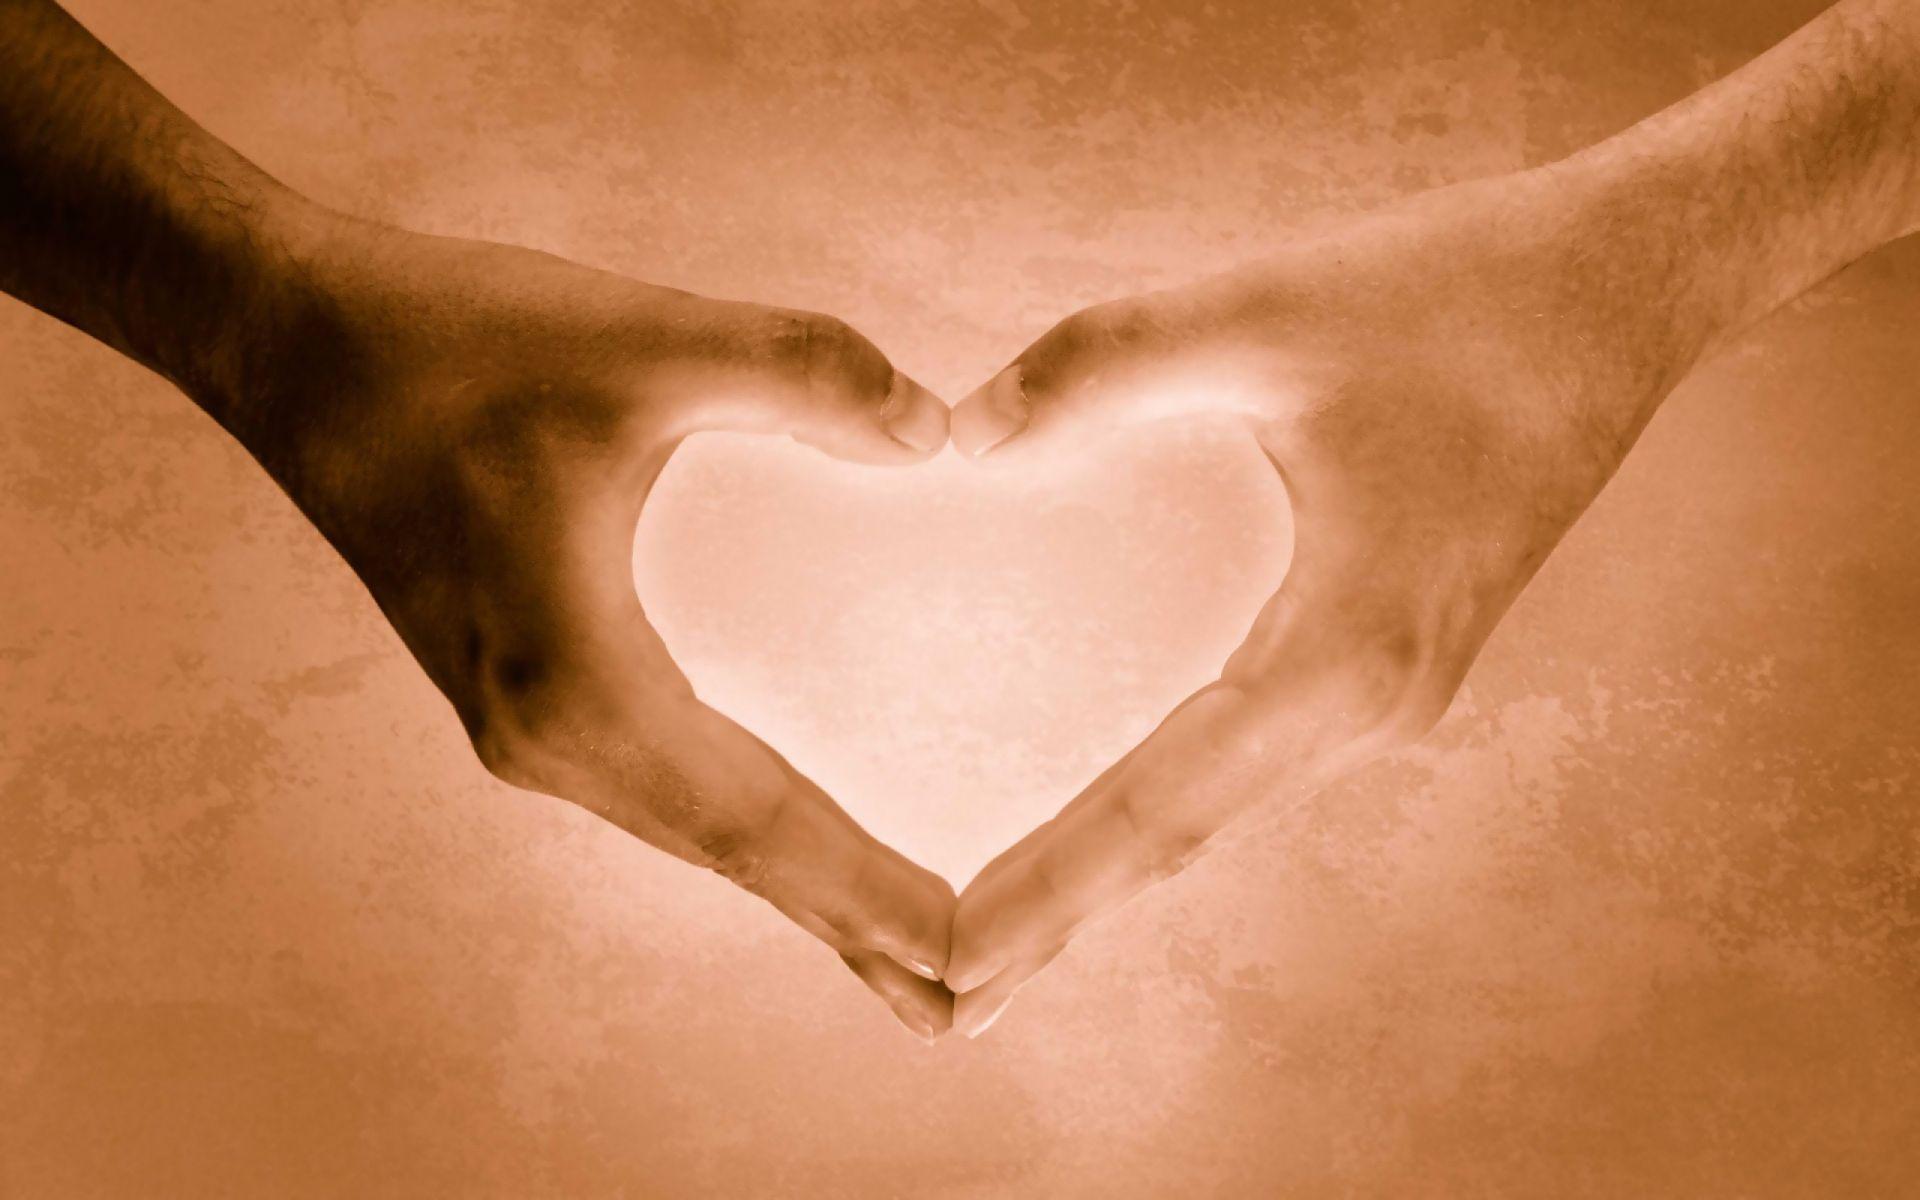 Fondos Románticos para San Valentín 2014